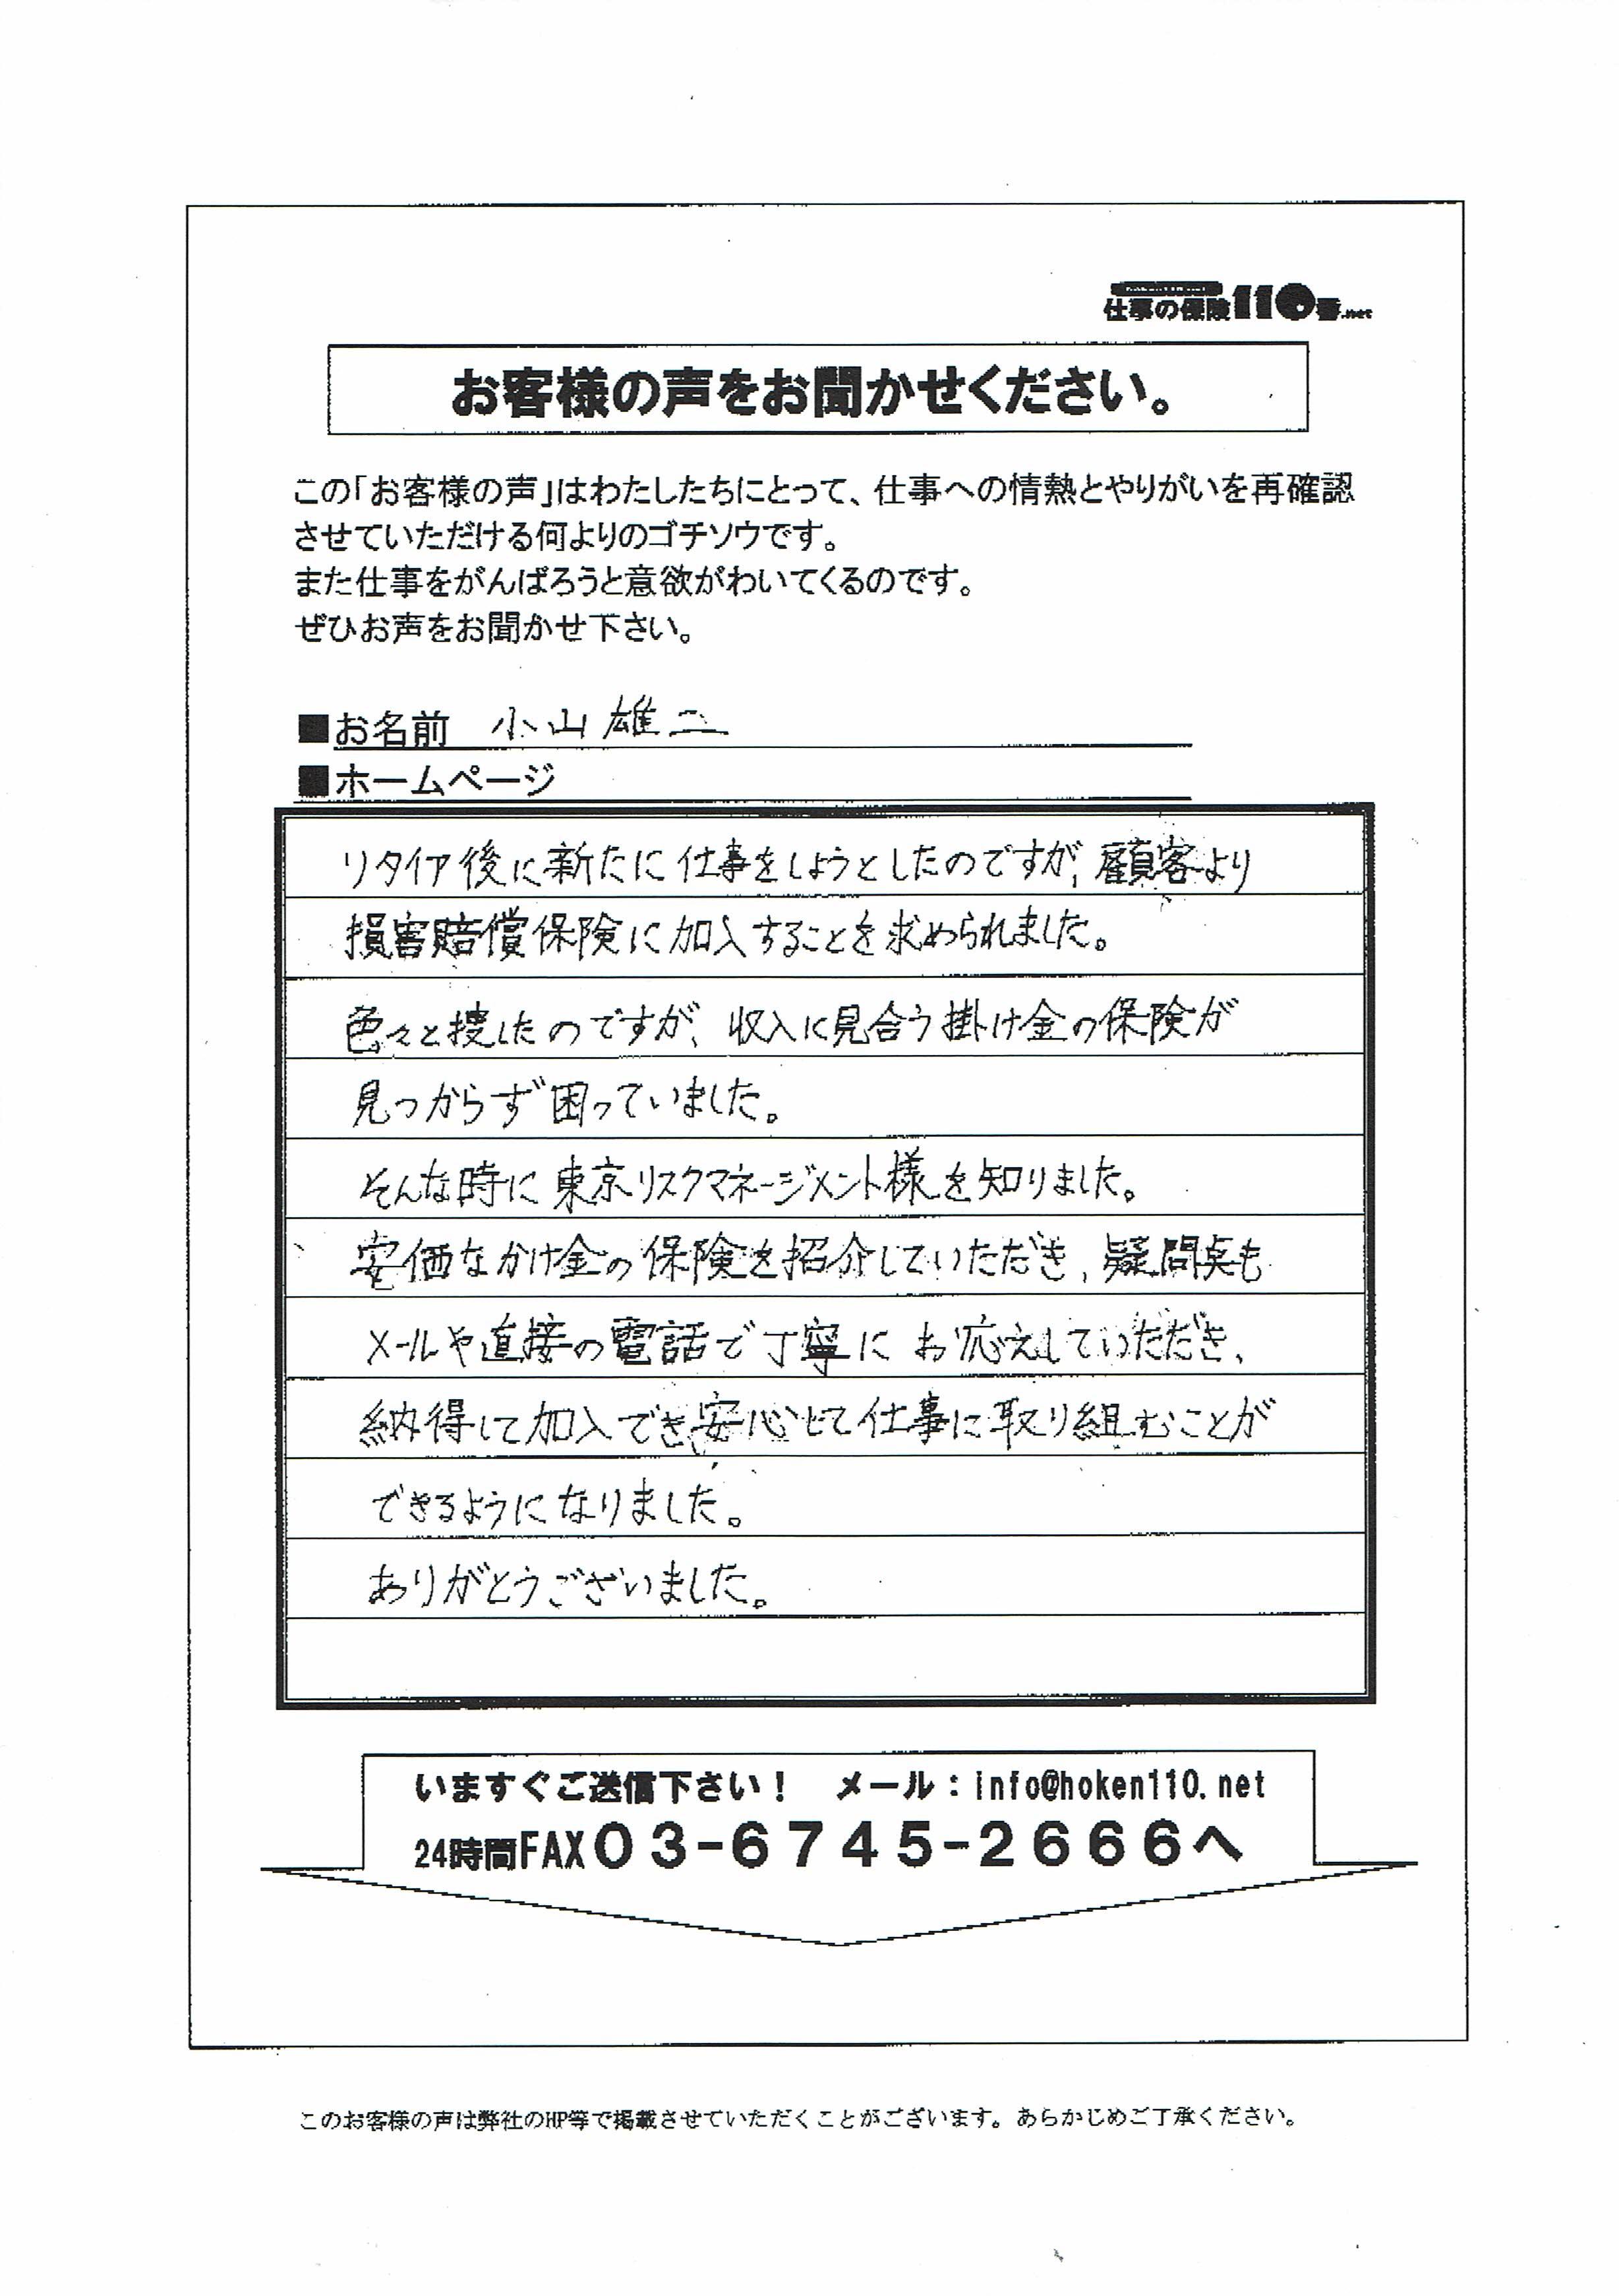 https://www.kouji110.com/koyamakoe.jpg